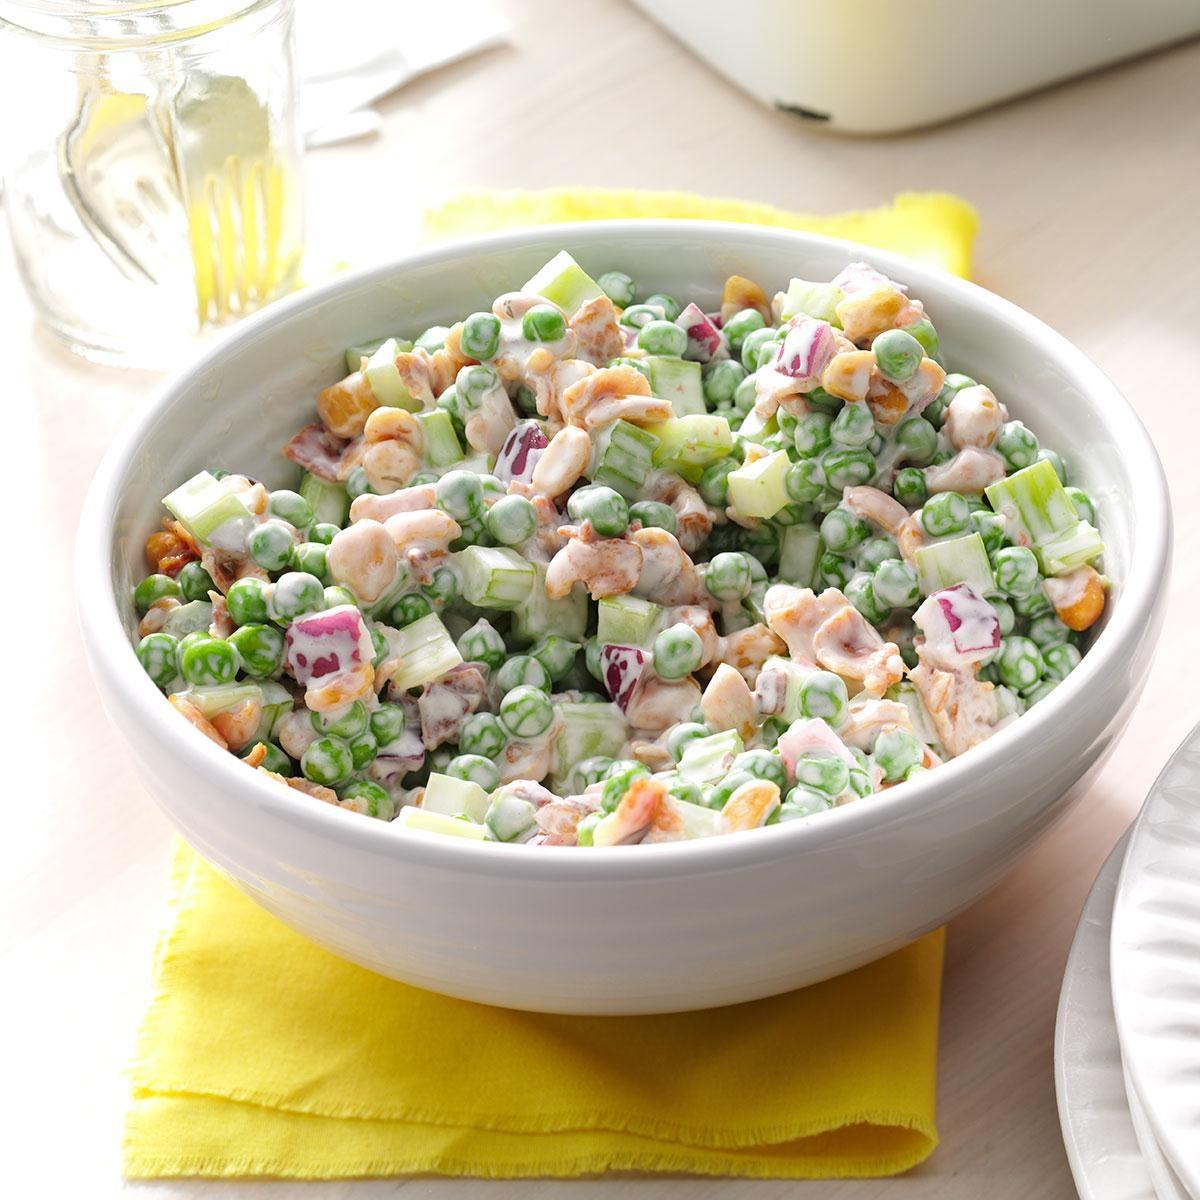 Arizona: Pea 'n' Peanut Salad